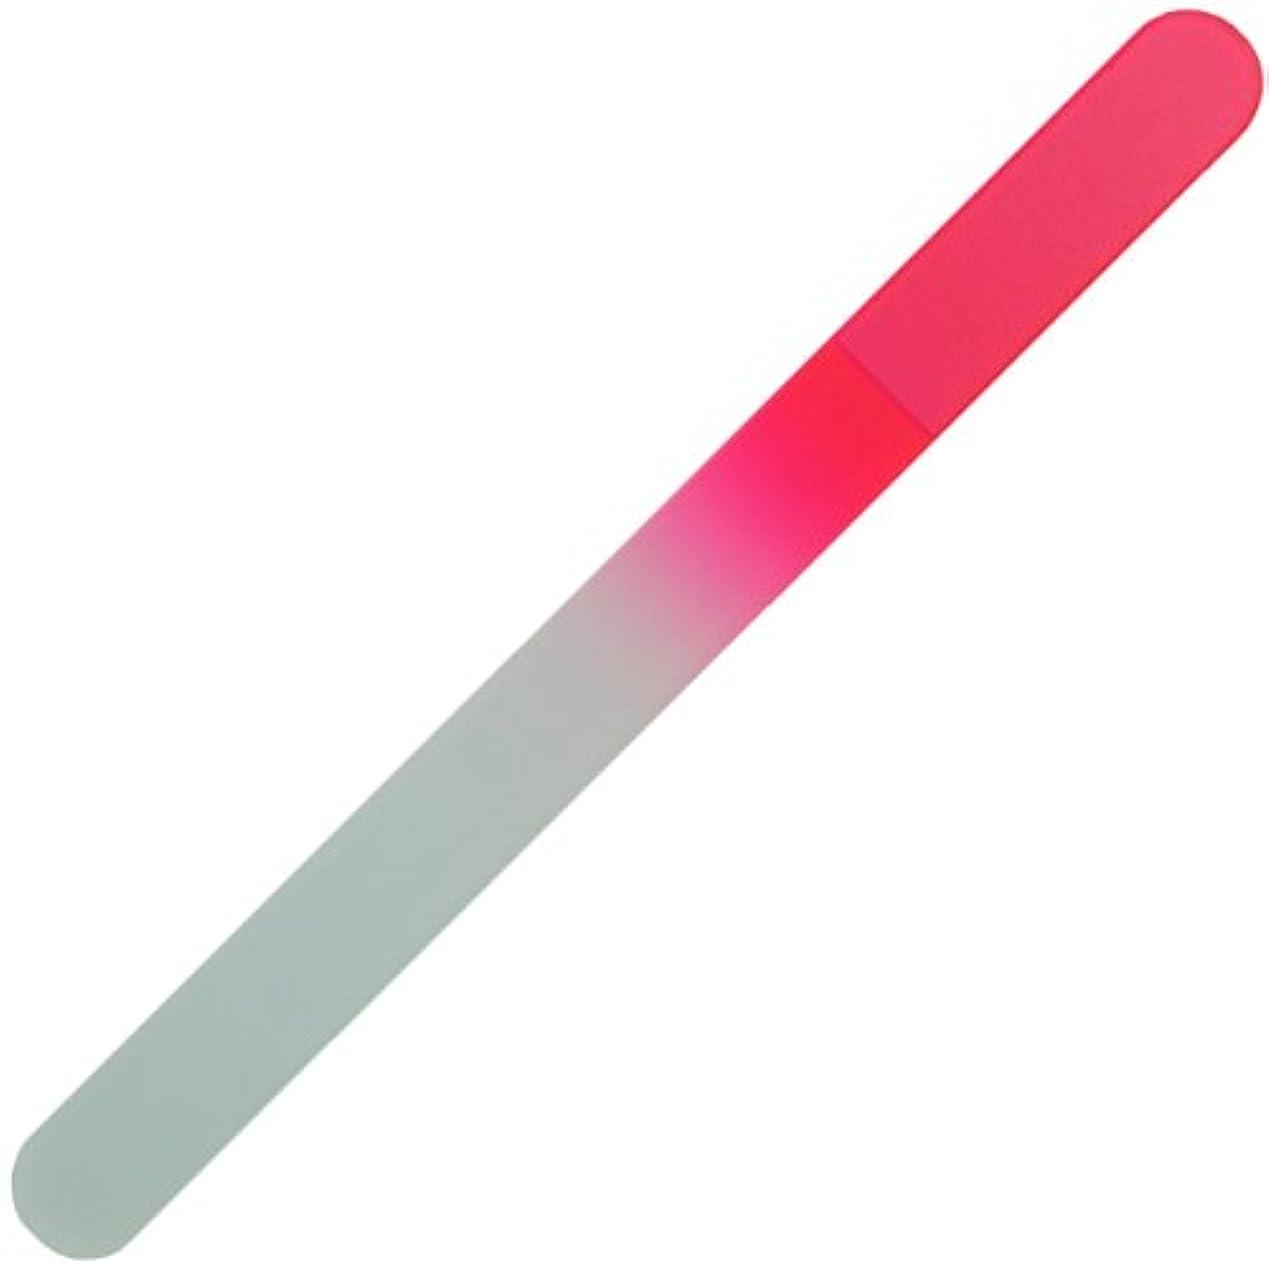 殺すマークされた一握りチェコ の職人が仕上げた ガラス製 爪やすり 135mm 両面タイプ ピンク  (透明ソフトケース入り)